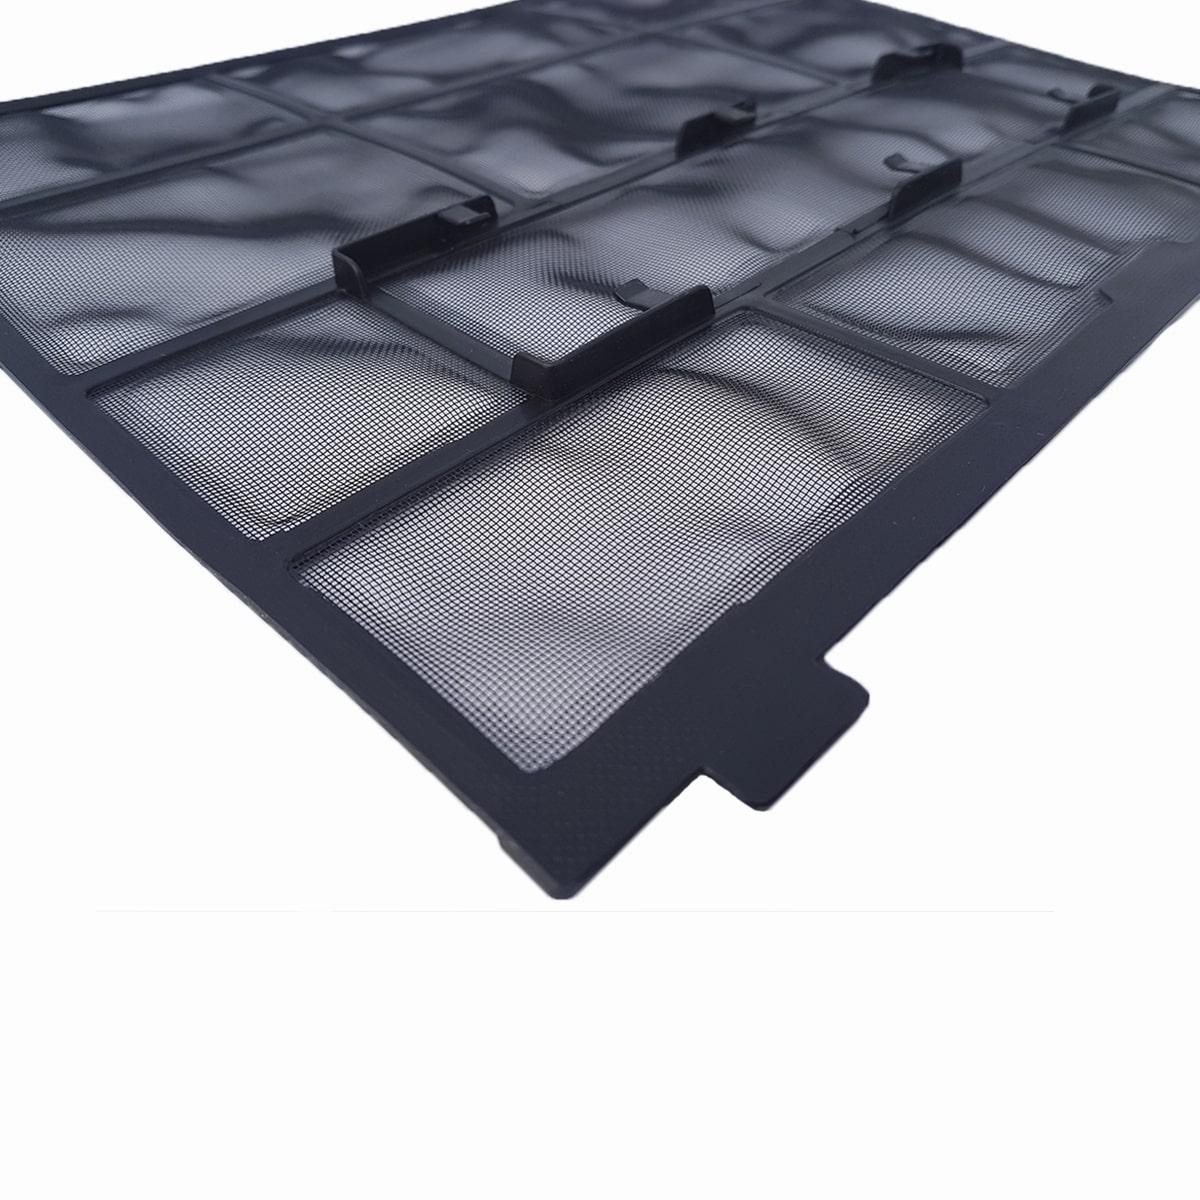 Filtro Anti-pó Ar Condicionado Split Gree Electrolux - 1112220403